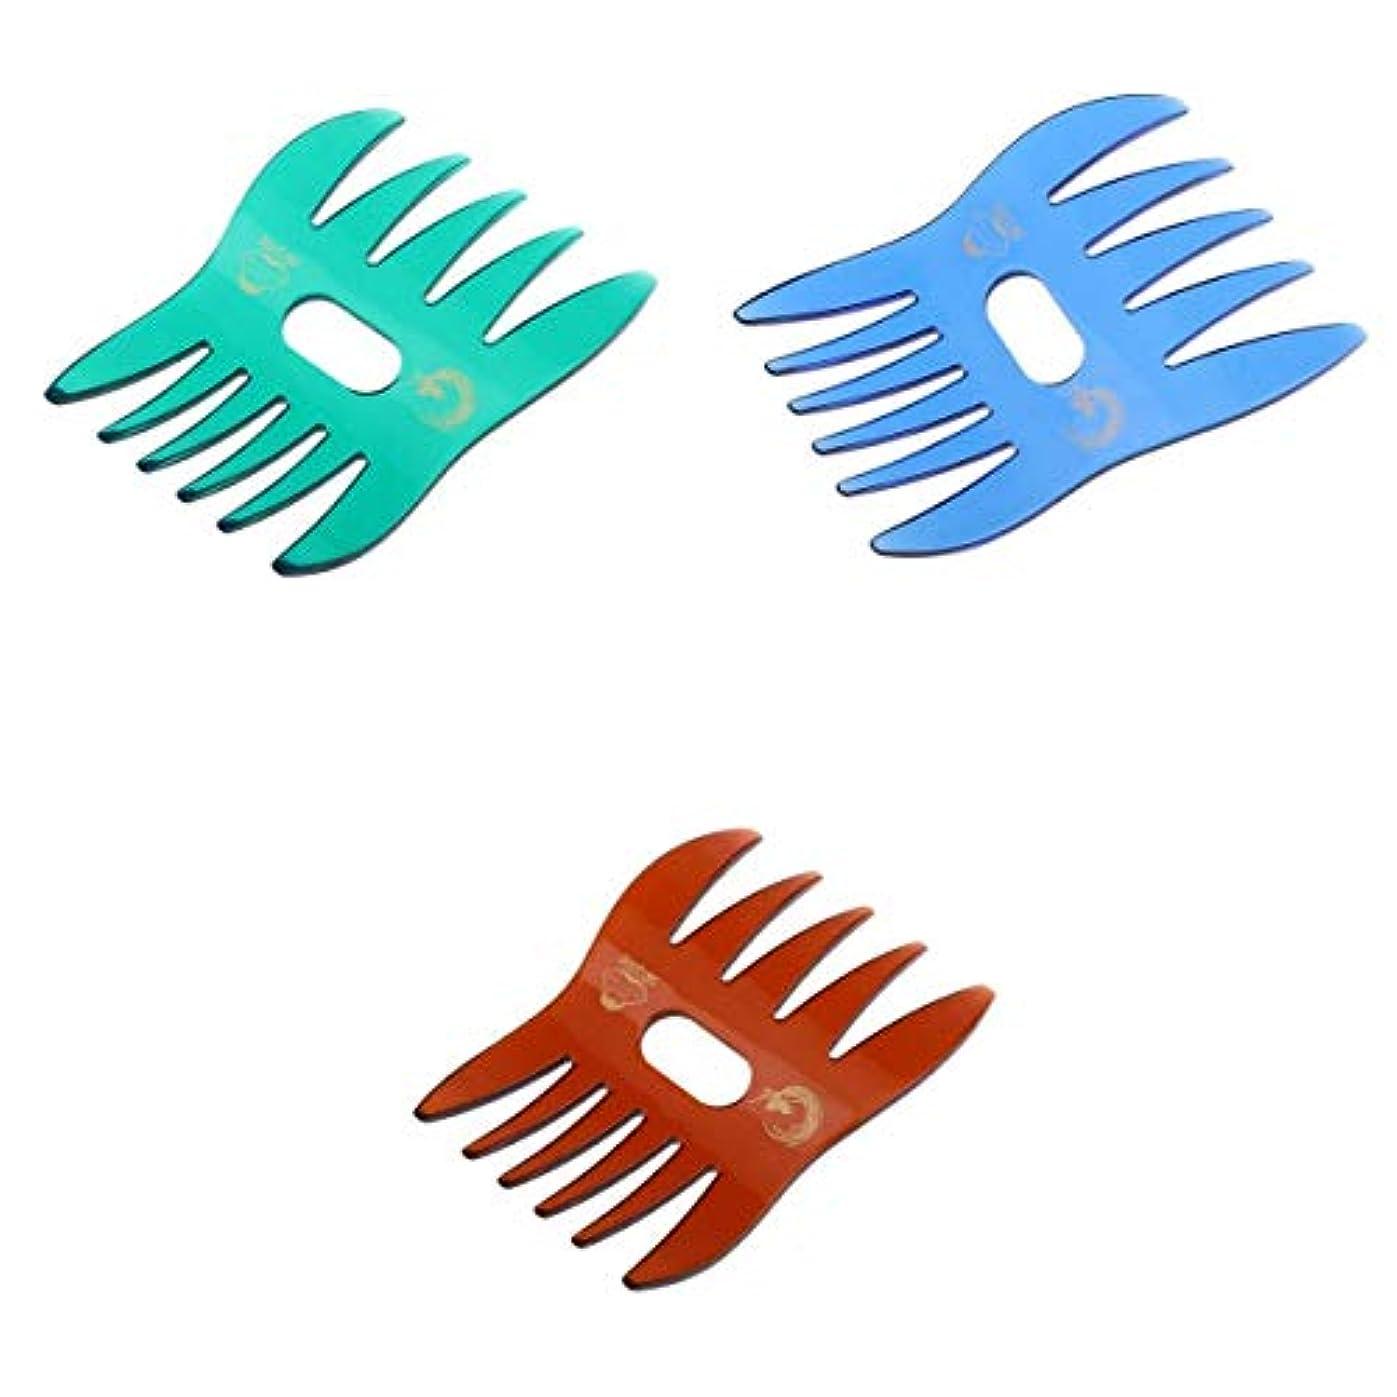 ピカリング早熟容器T TOOYFUL 櫛 ヘアコーム コーム ヘア櫛 静電気防止 粗歯 頭皮マッサージ オイルヘアスタイル